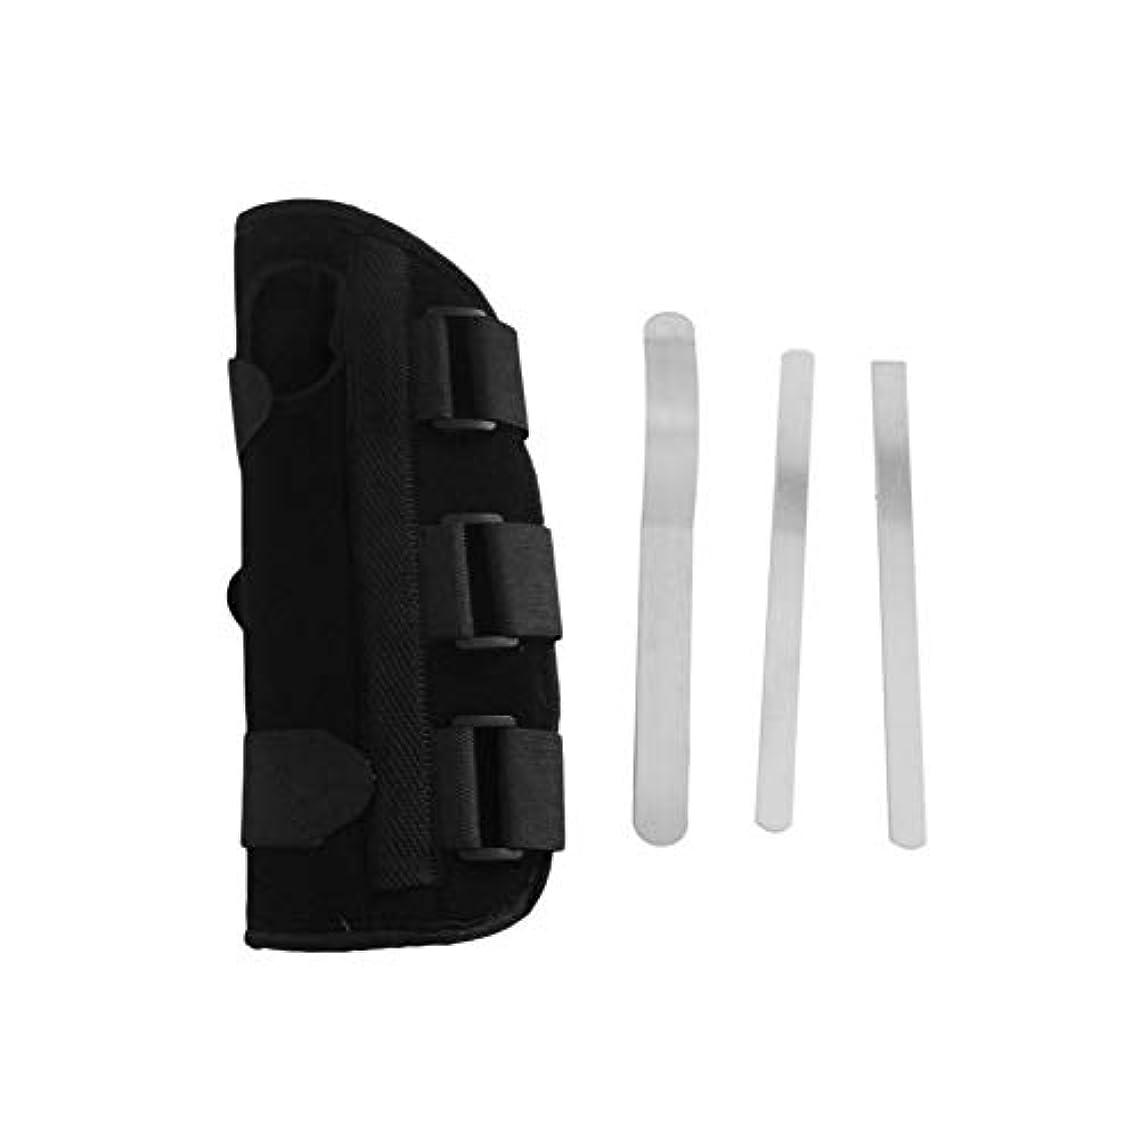 読みやすい集中囲い手首副木ブレース保護サポートストラップカルペルトンネルCTS RSI痛み軽減リムーバブル副木快適な軽量ストラップ - ブラックM